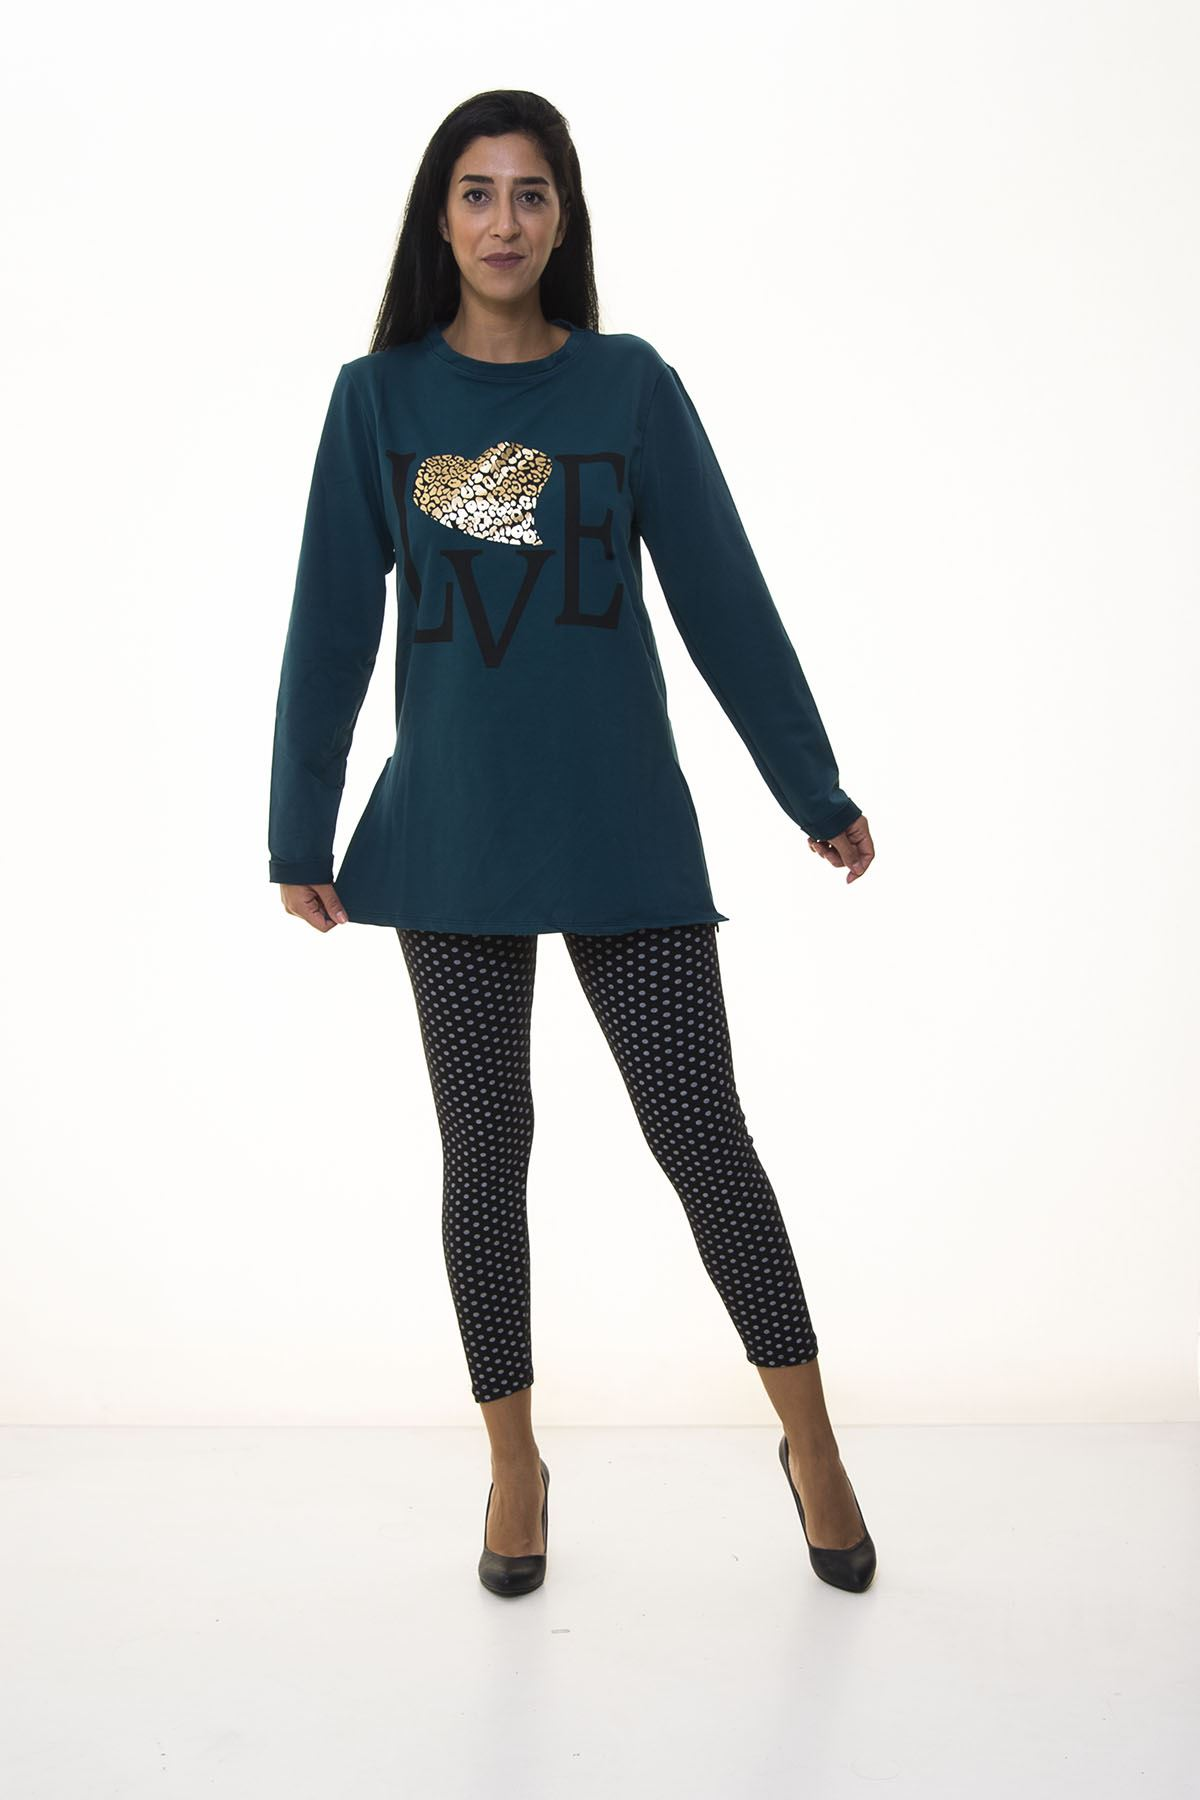 Kadın Yeşil Sweatshirt 4D-1096